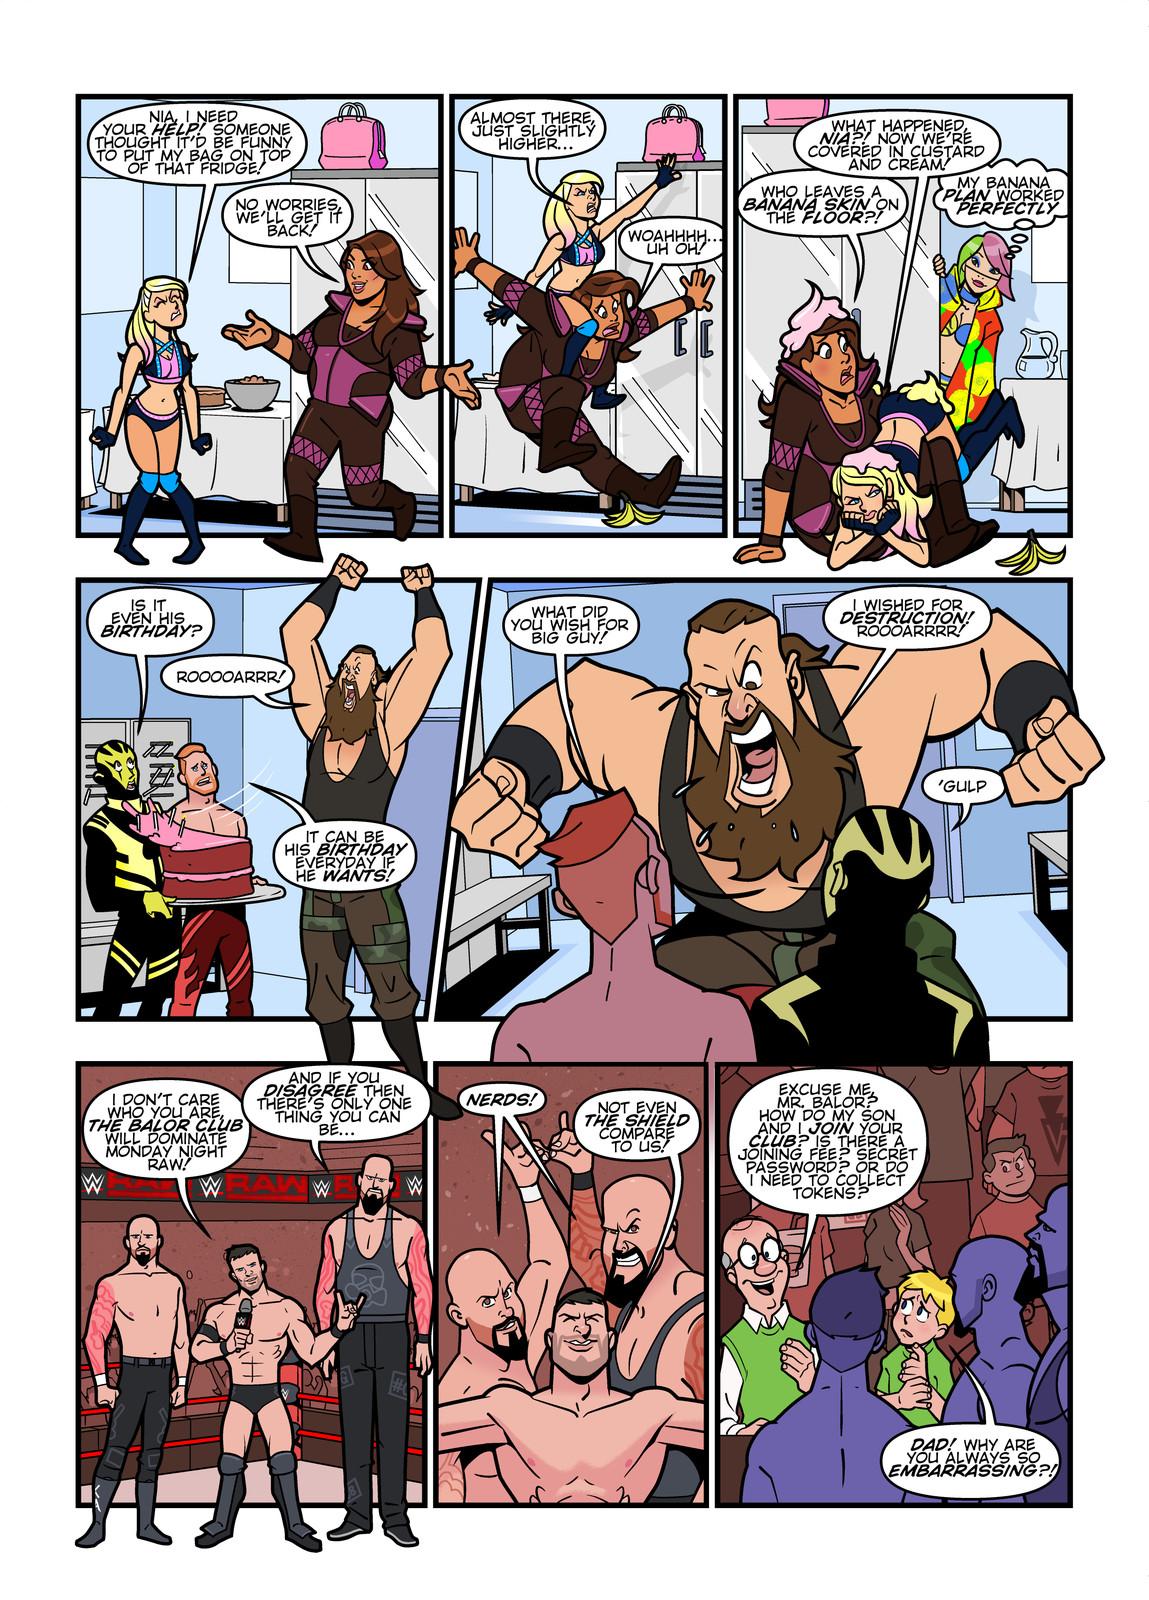 WWE Kids Magazine : ministrips #134